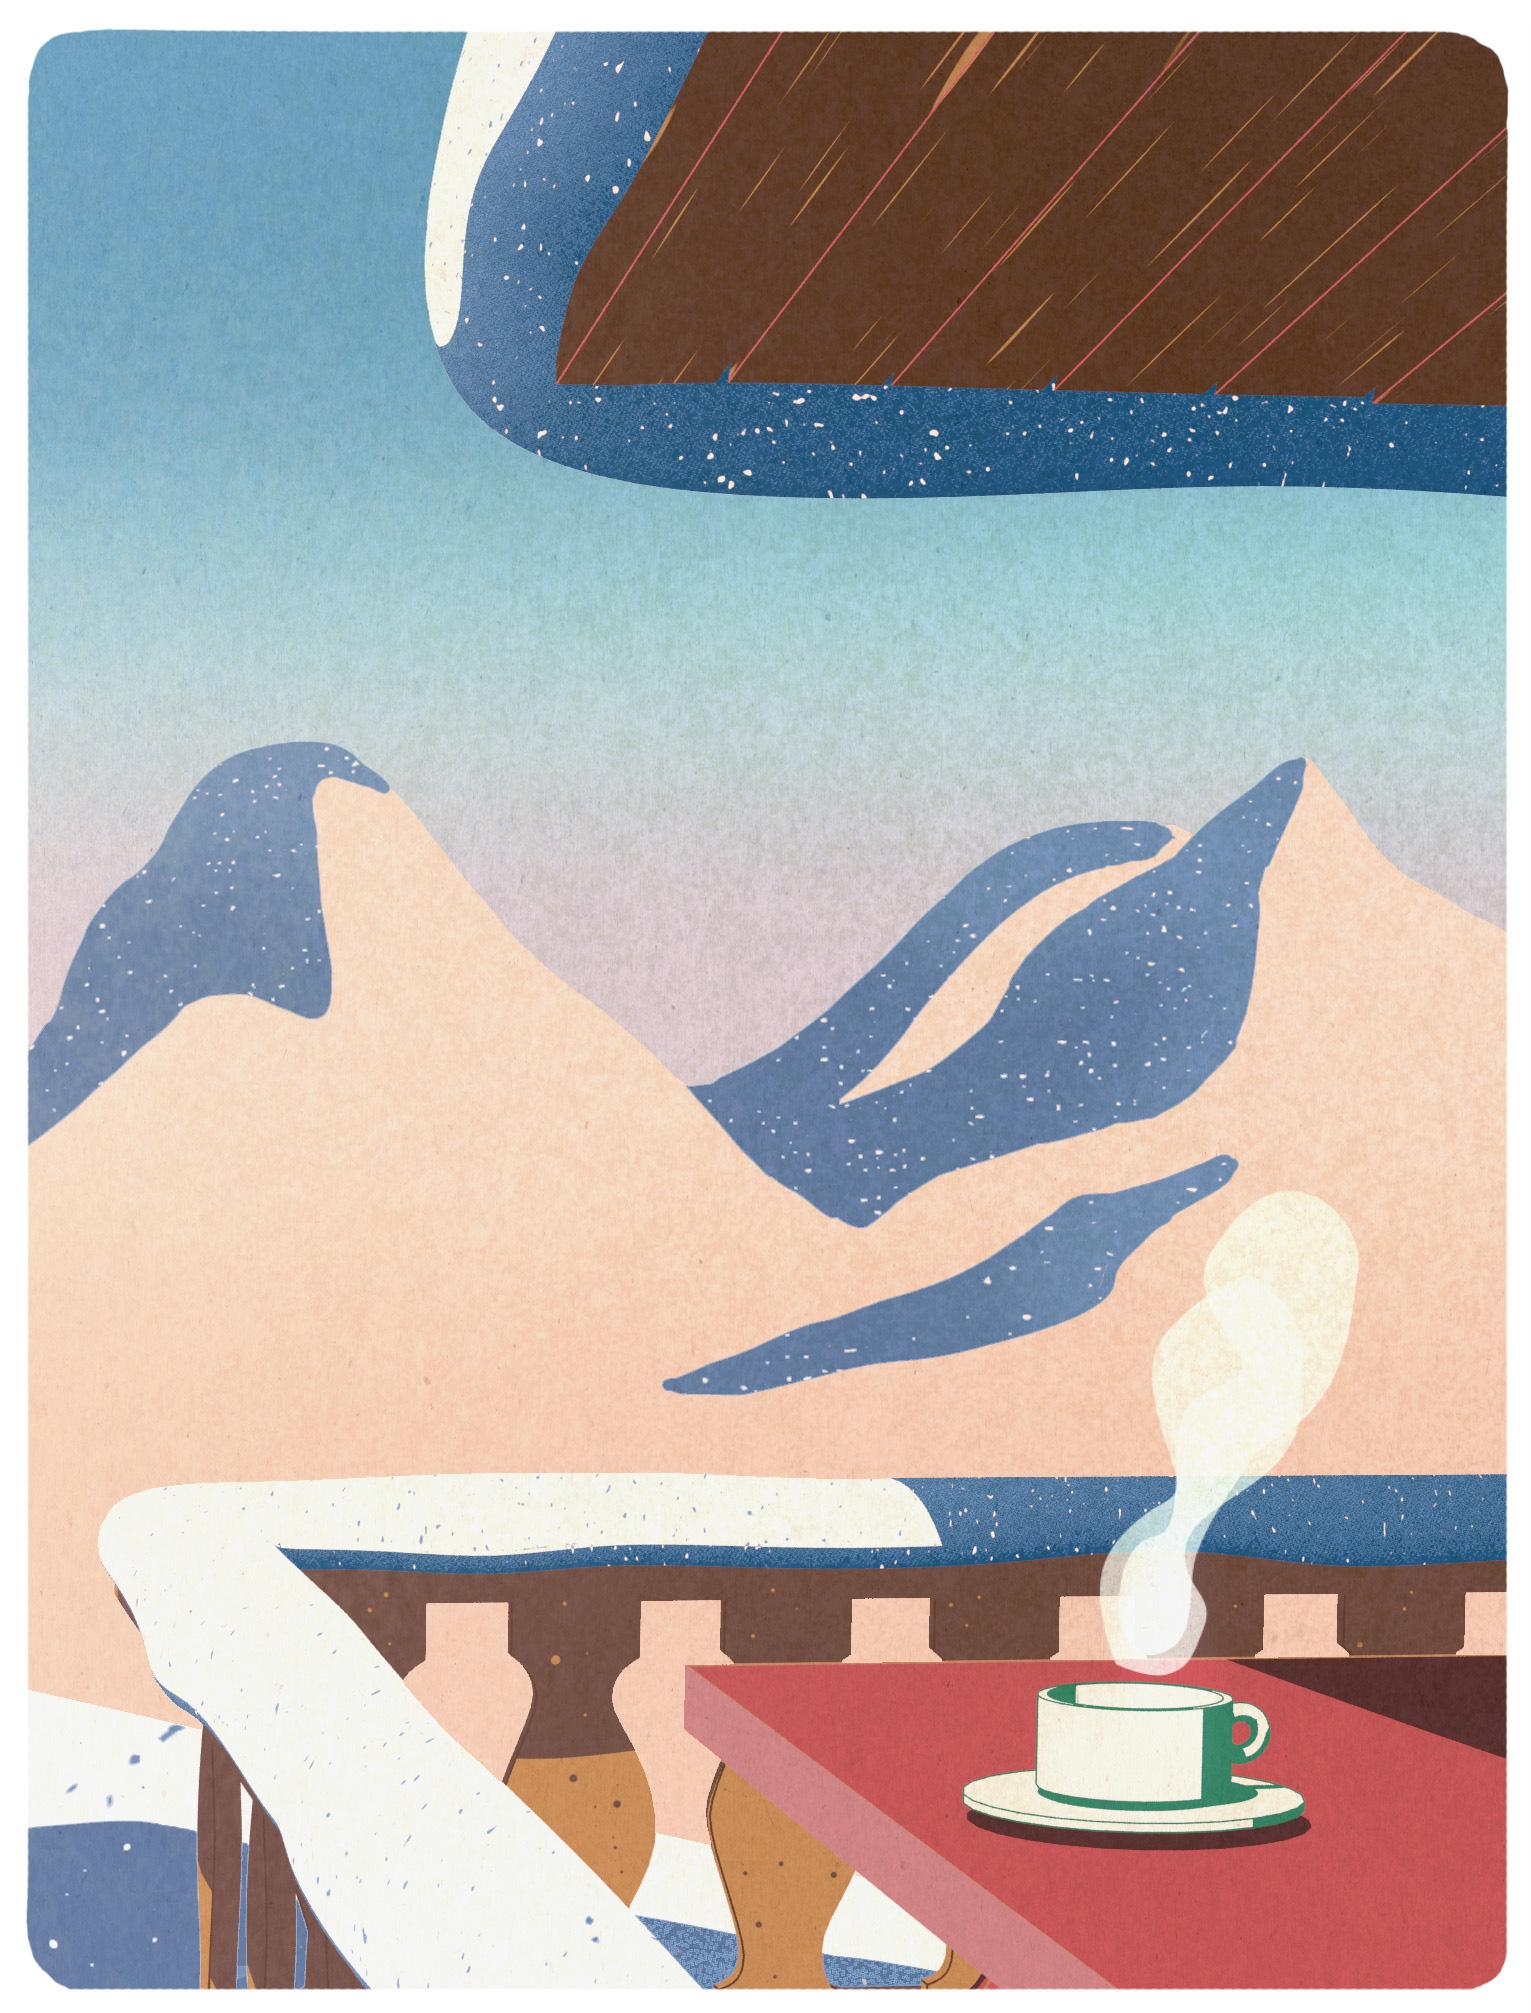 Geoffroy-de-Crécy-Le-Monde-Magazine-Hot-cocoa